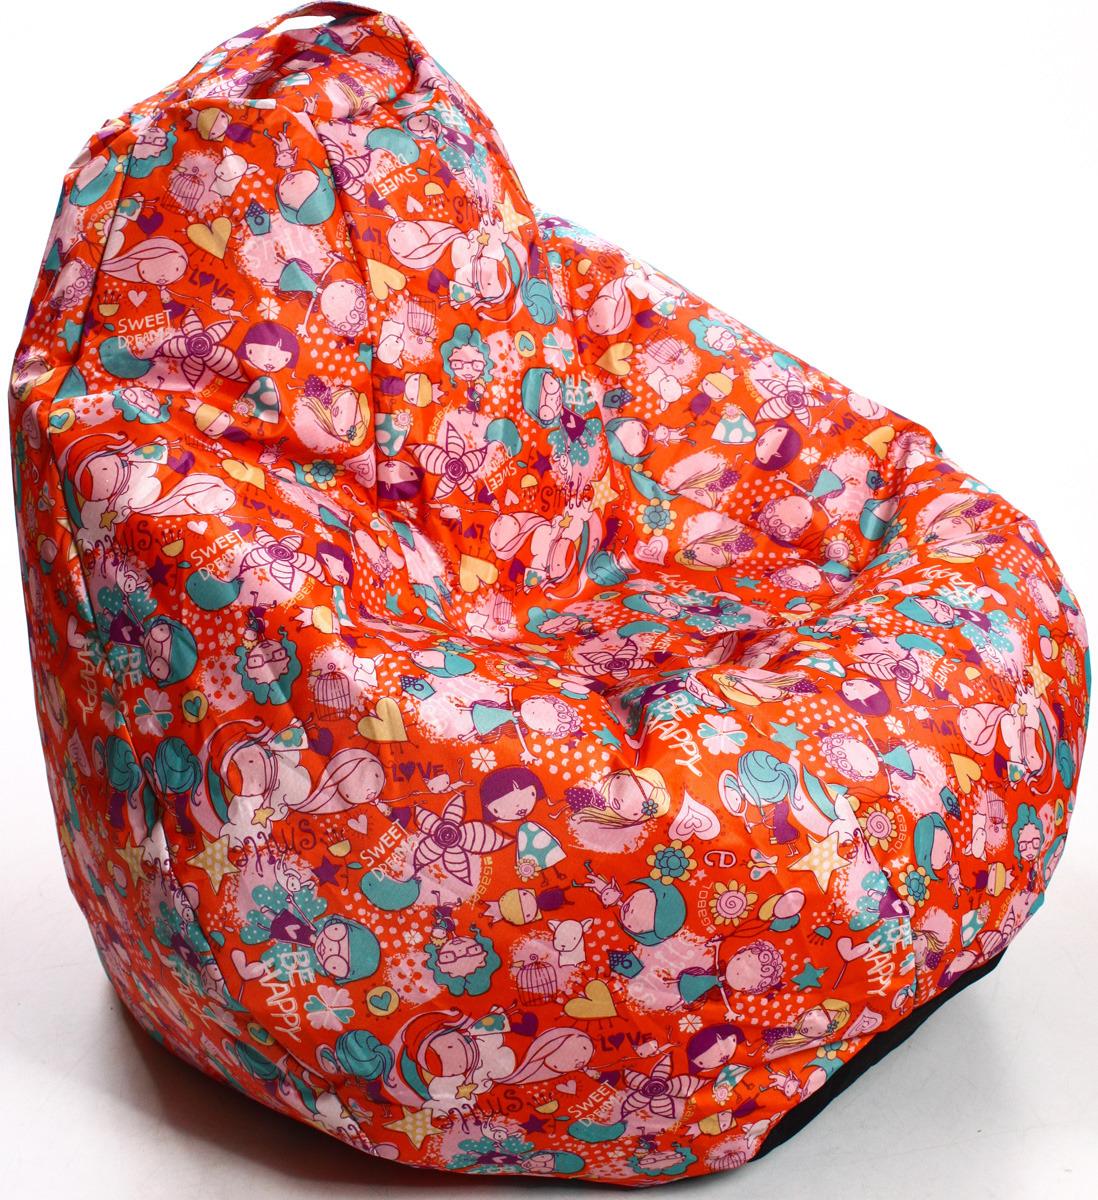 Кресло-мешок мини Оранжевое настроение, 18999, оранжевый18999Кресло-груша Mini – мебель, обеспечивающая комфортный отдых и расслабление. Сиденье за несколько секунд адаптируется к форме тела, придерживая его. Это происходит благодаря наполнителю из сертифицированного пенополистирола. Гранулы гипоаллергенны, нетоксичны и не имеют запаха. Вес мешка 1,4 кг, что позволяет легко переносить его в помещении, брать с собой на дачу, пикник и даже в поход. За счёт маленького размера кресло впишется даже в самую небольшую детскую комнату. Купить кресло-груша Mini можно в качестве подарка друзьям или близким. Особенно уместным данный презент будет для тех, у кого есть маленькие дети. Благодаря бескаркасному строению, этот уникальный мебельный аксессуар не имеет встроенных металлических или деревянных деталей, острых углов. Все это обеспечивает безопасность изделия для маленьких детей. Мешок оборудован специальной ручкой для удобства транспортировки его в любое место.Размер: 600 x 600 x 900 мм